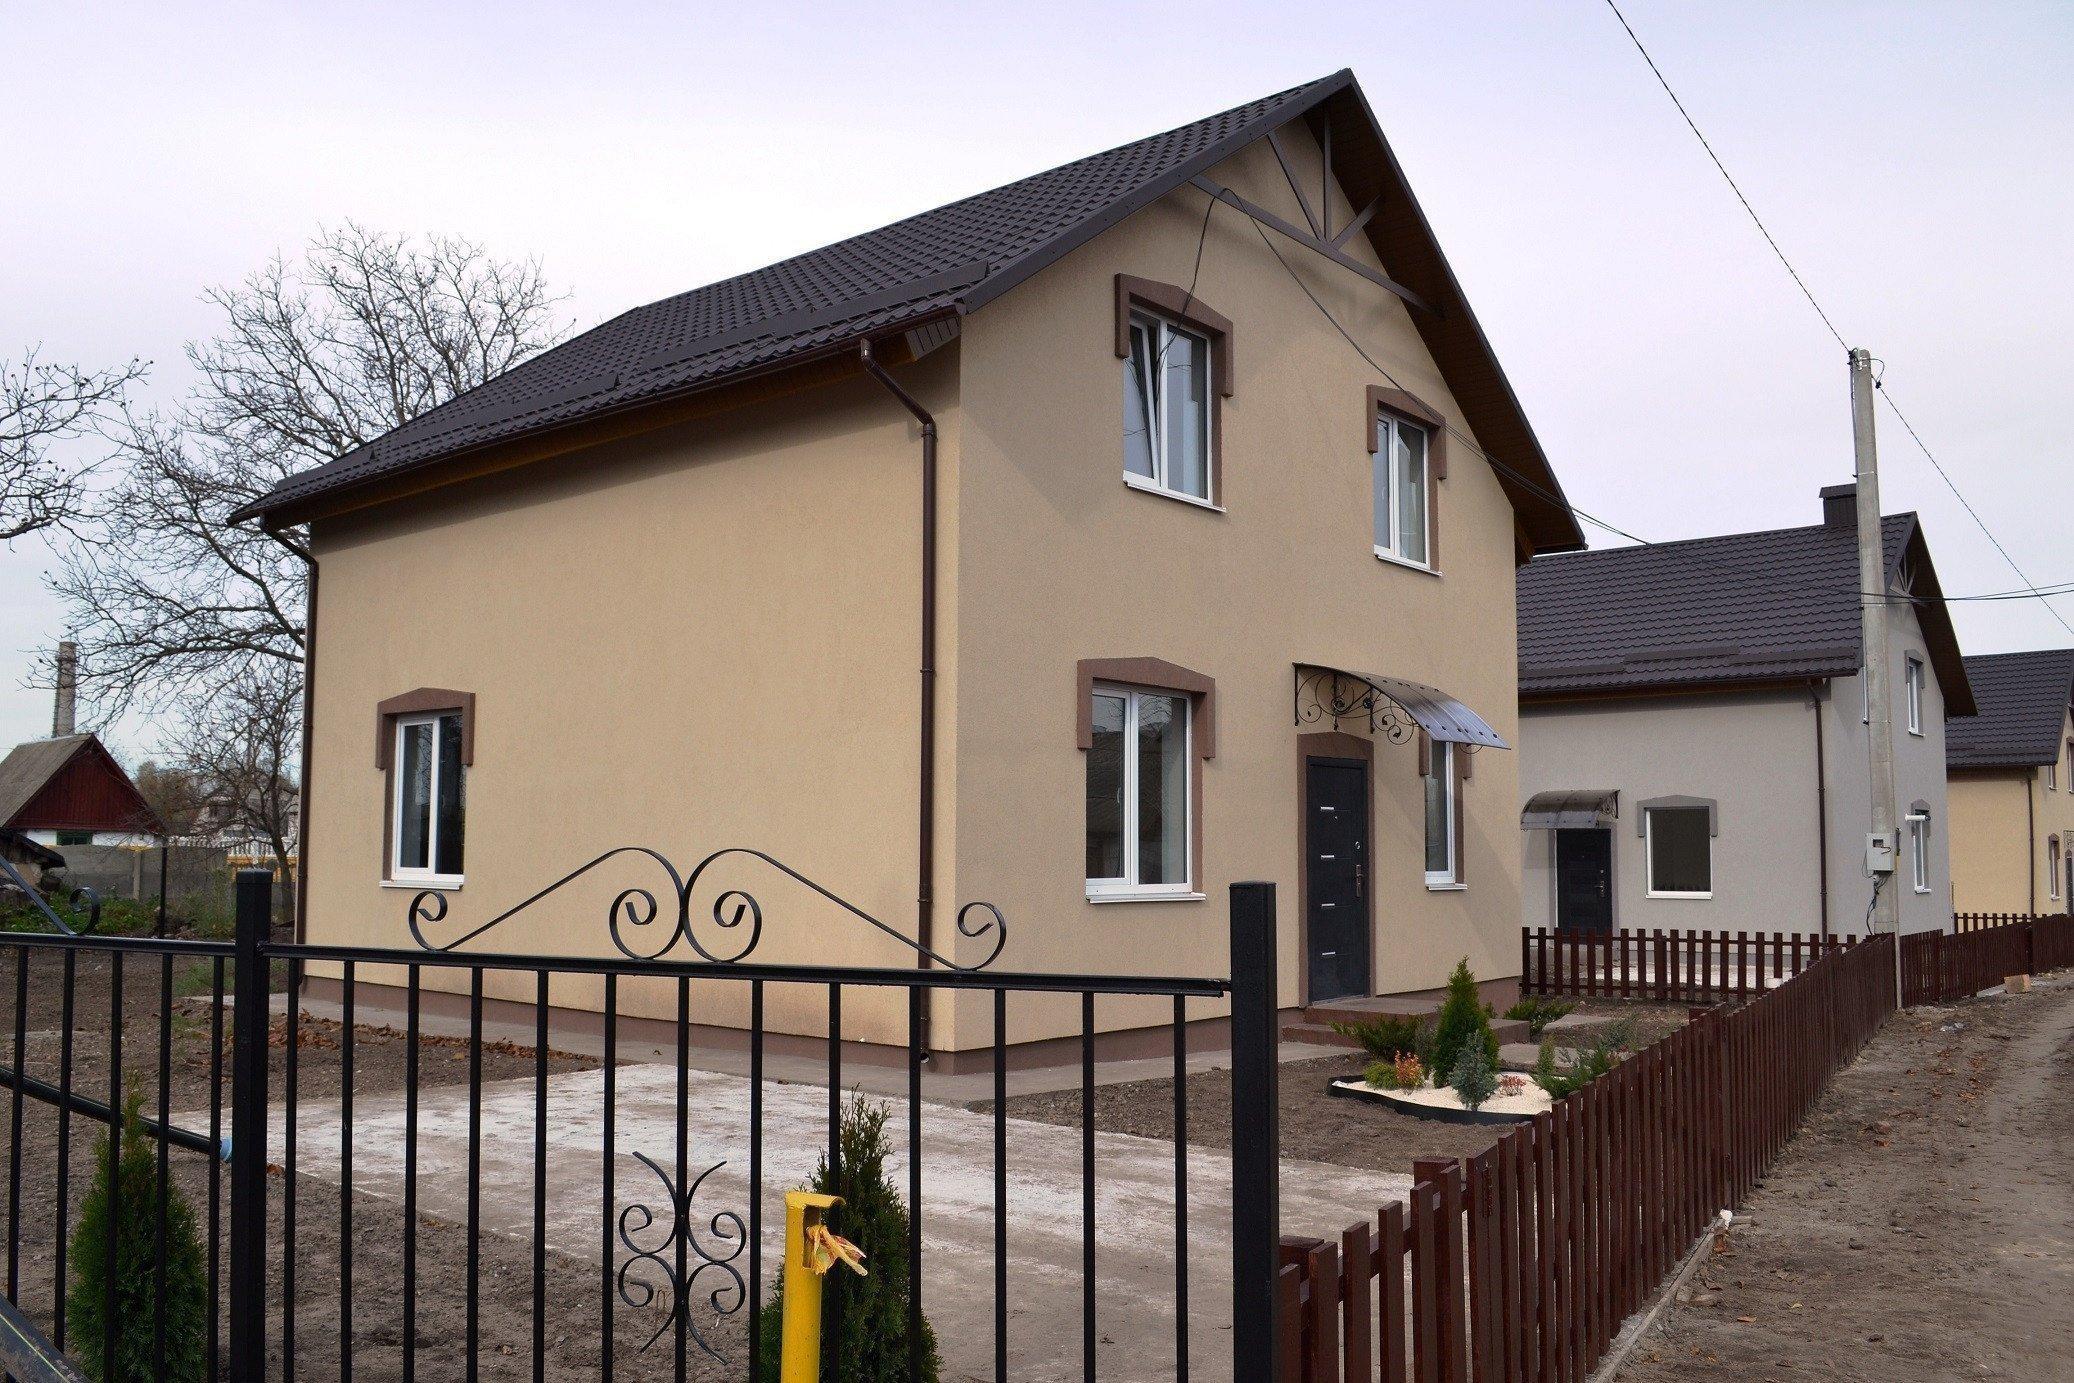 Продам дом в городе Борисполь. Объявление № 4856